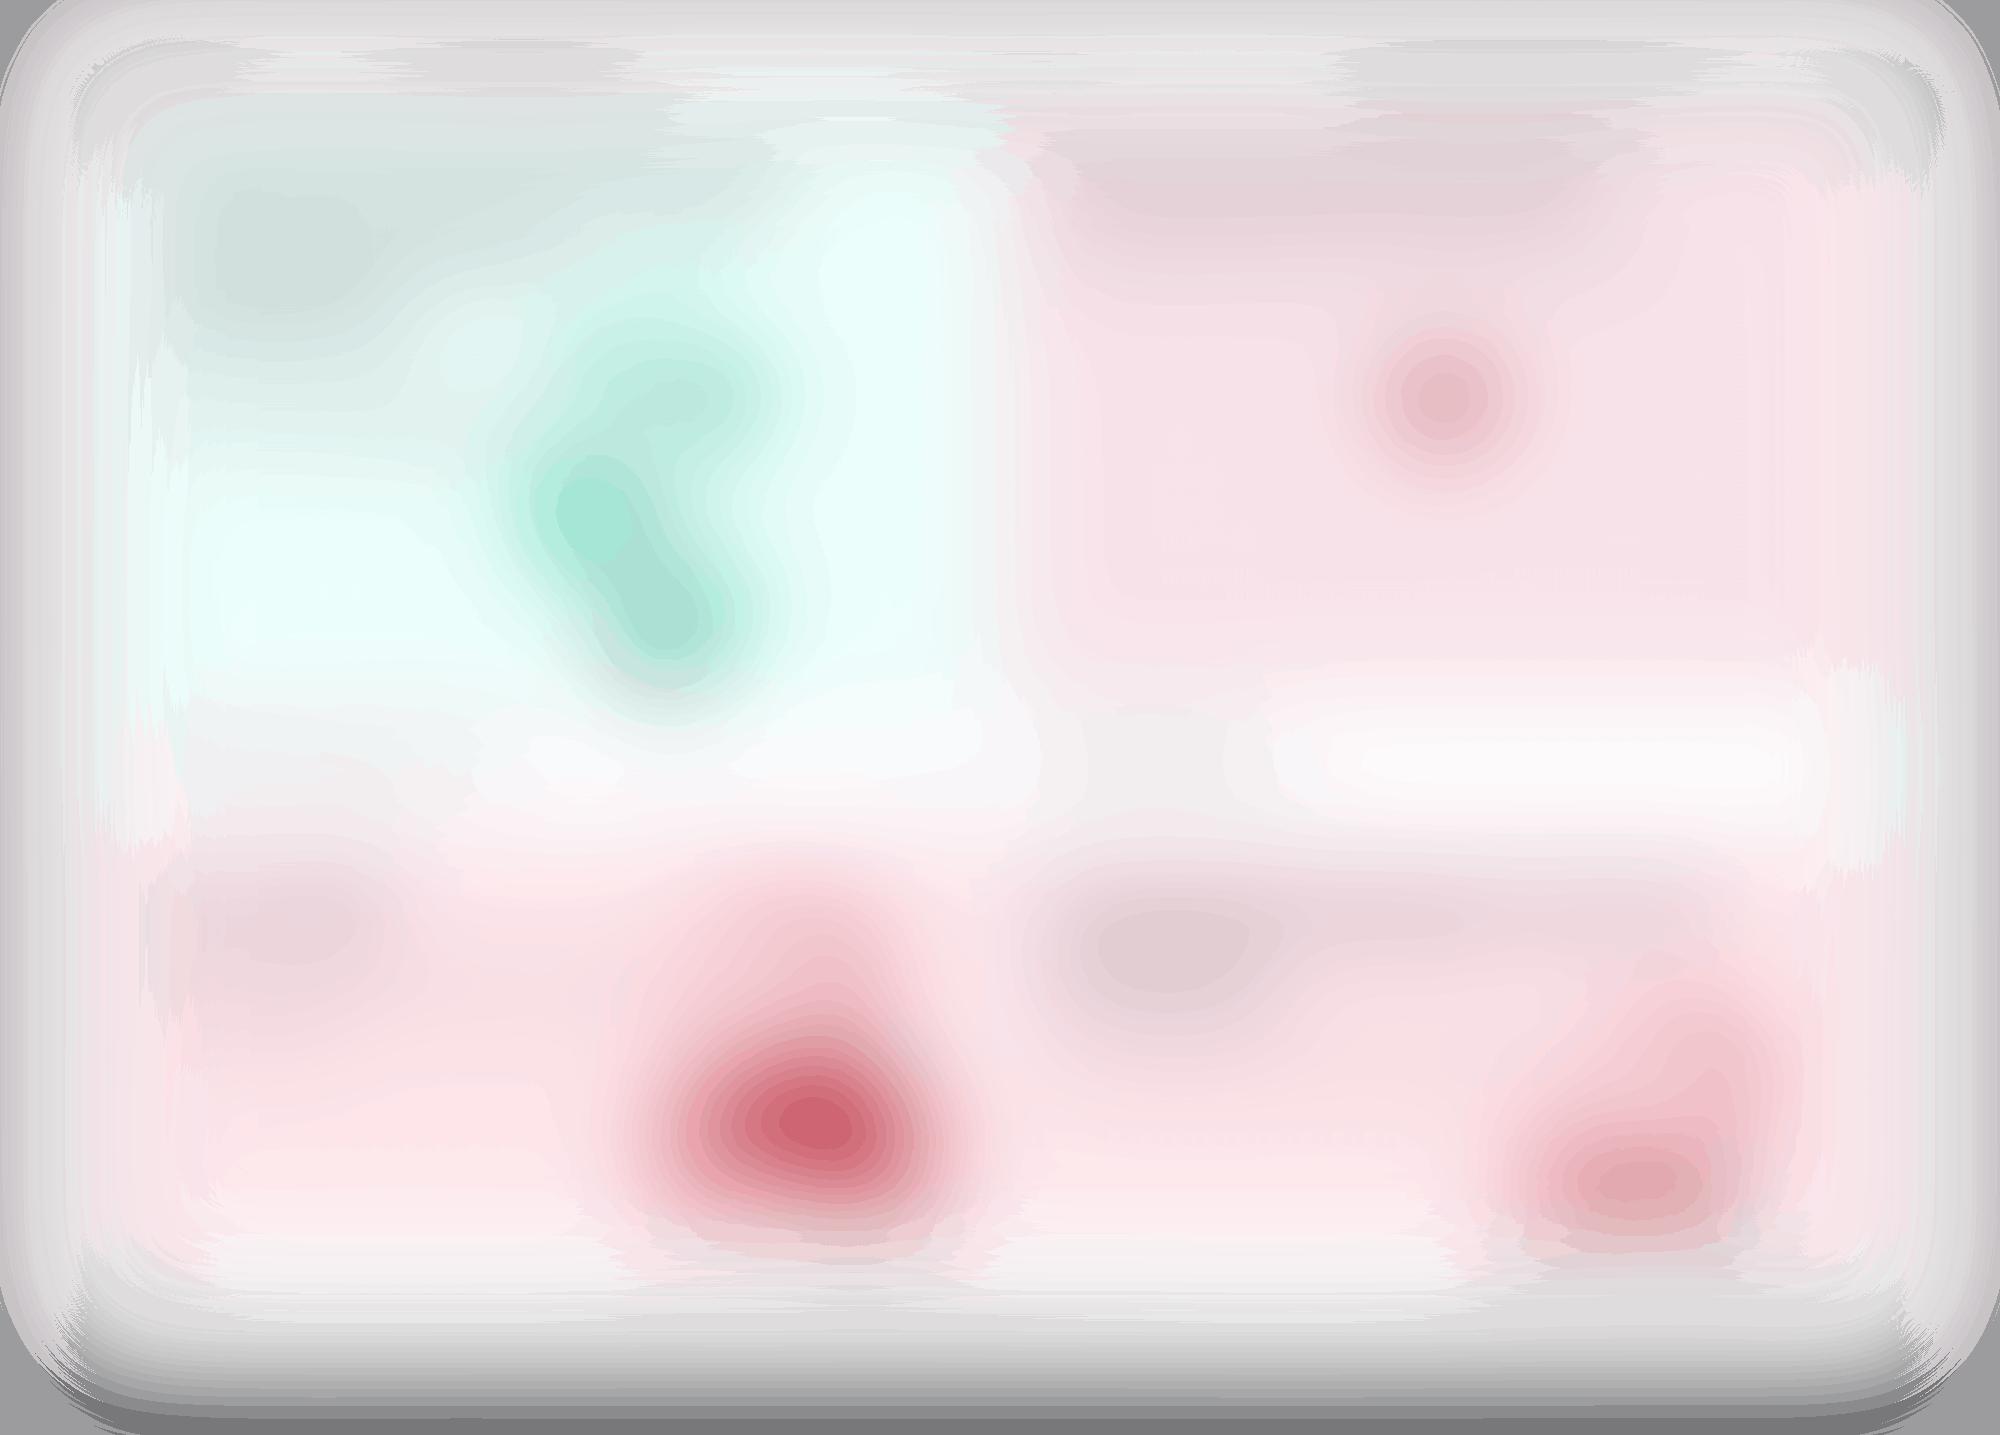 Screenshot 2019 01 15 at 12 39 33 autocompressfitresizeixlibphp 1 1 0max h2000max w3 D2000q80s541a539275475353af8422fb0d767df5